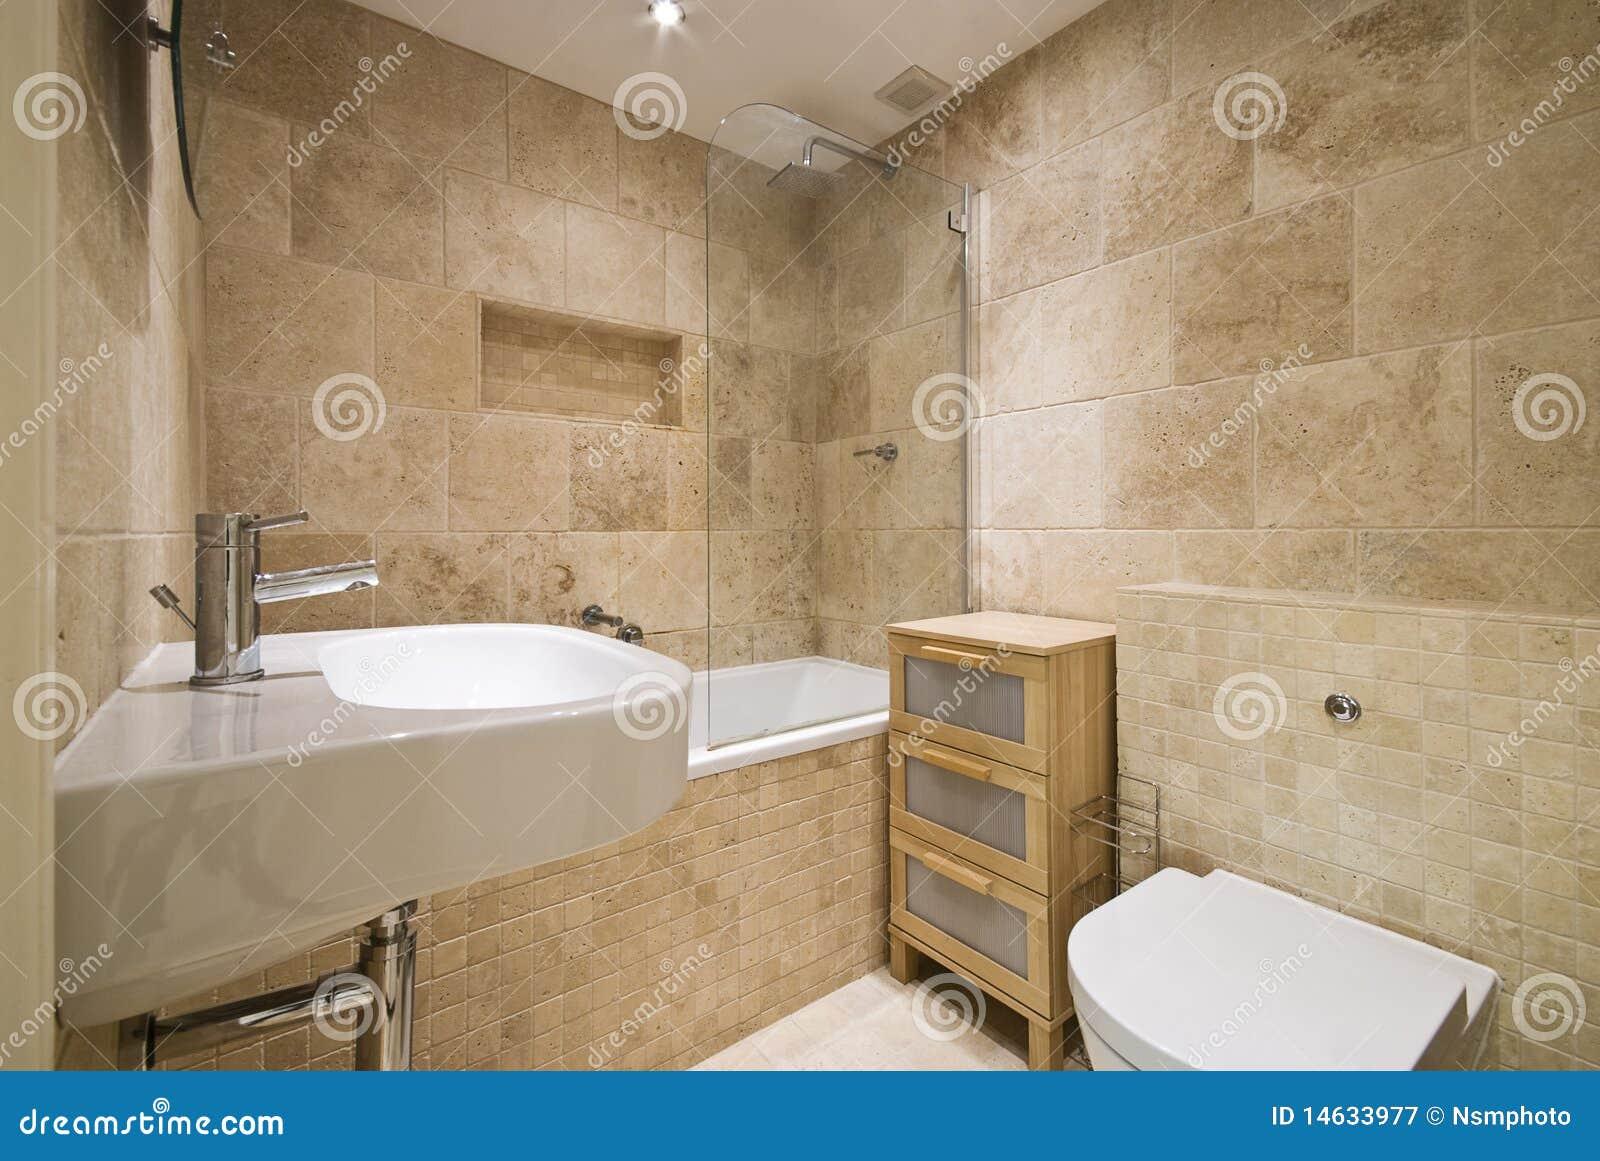 salle de bains de luxe moderne avec les murs lapid s normaux image stock image du connexion. Black Bedroom Furniture Sets. Home Design Ideas